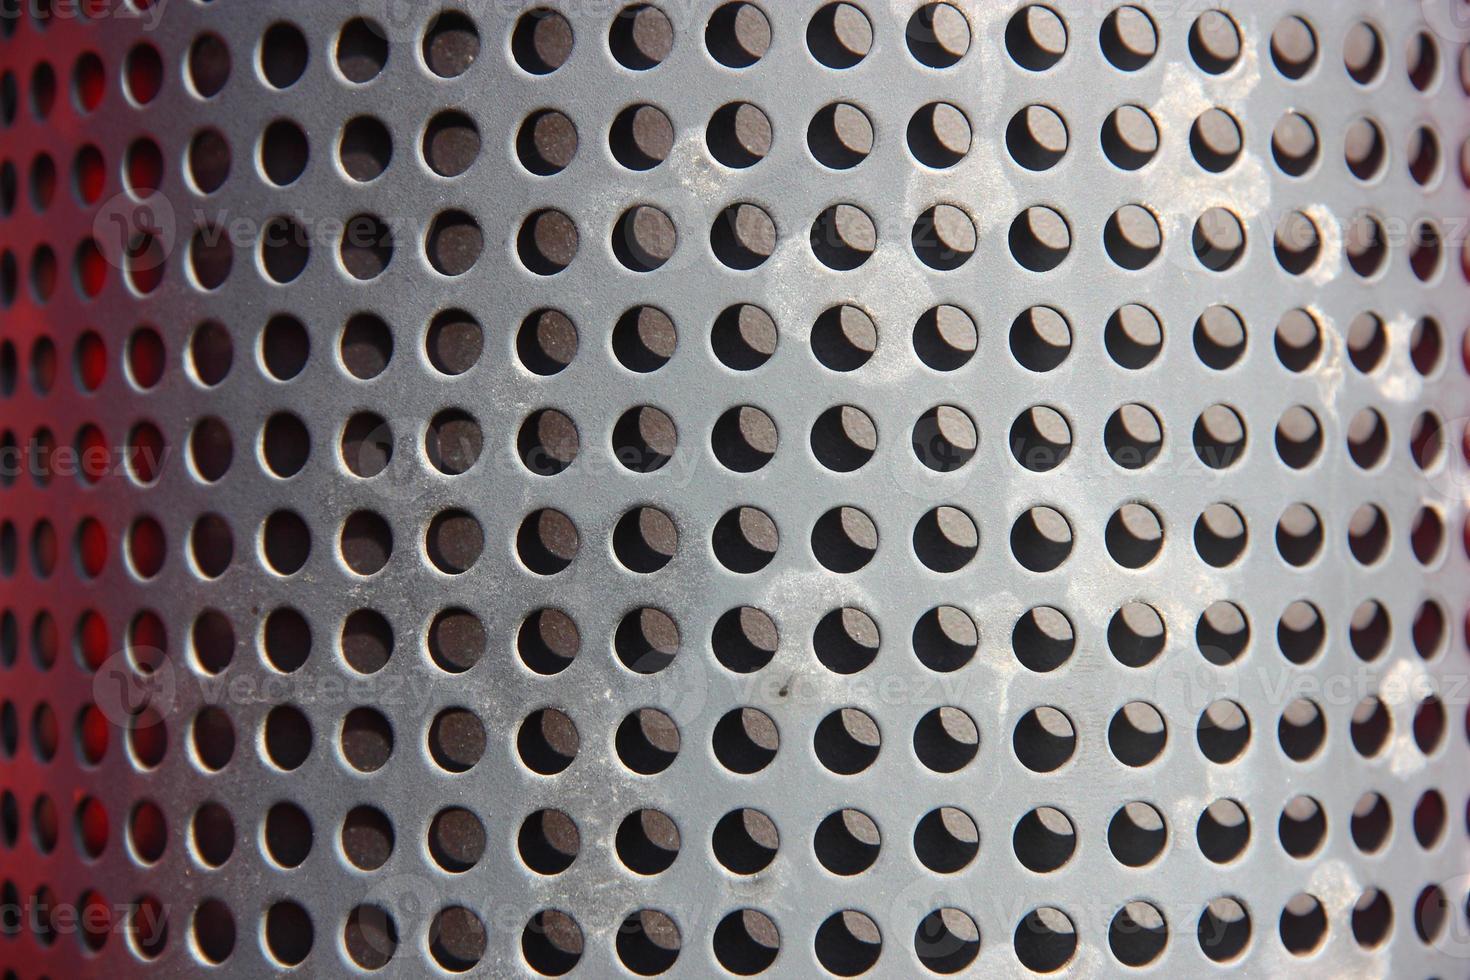 Metallloch oder perforierter Gitterhintergrund foto